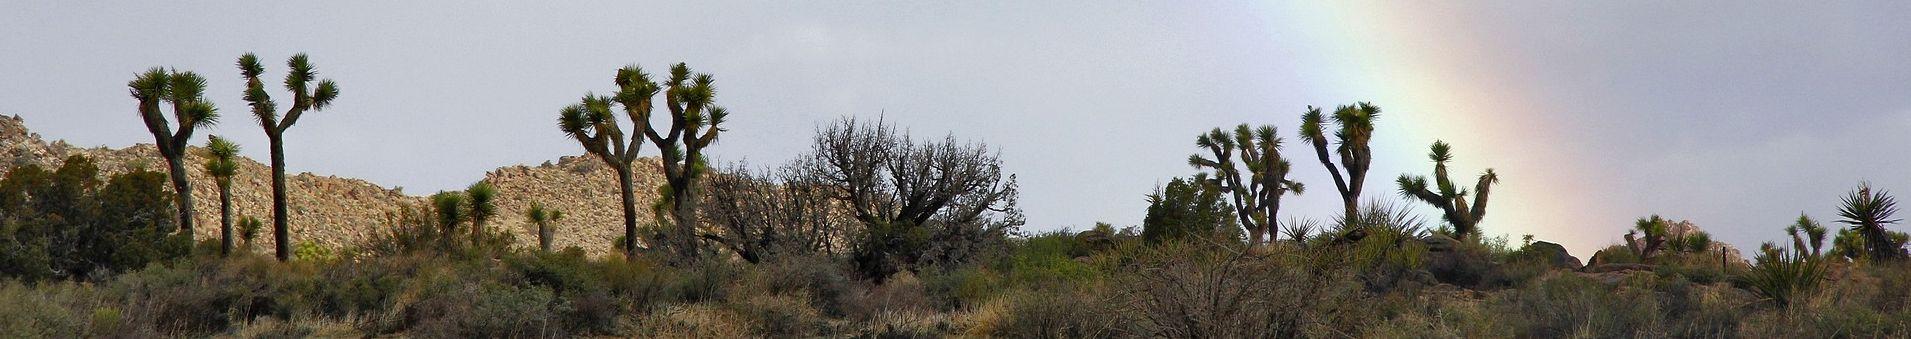 desert rain cropped